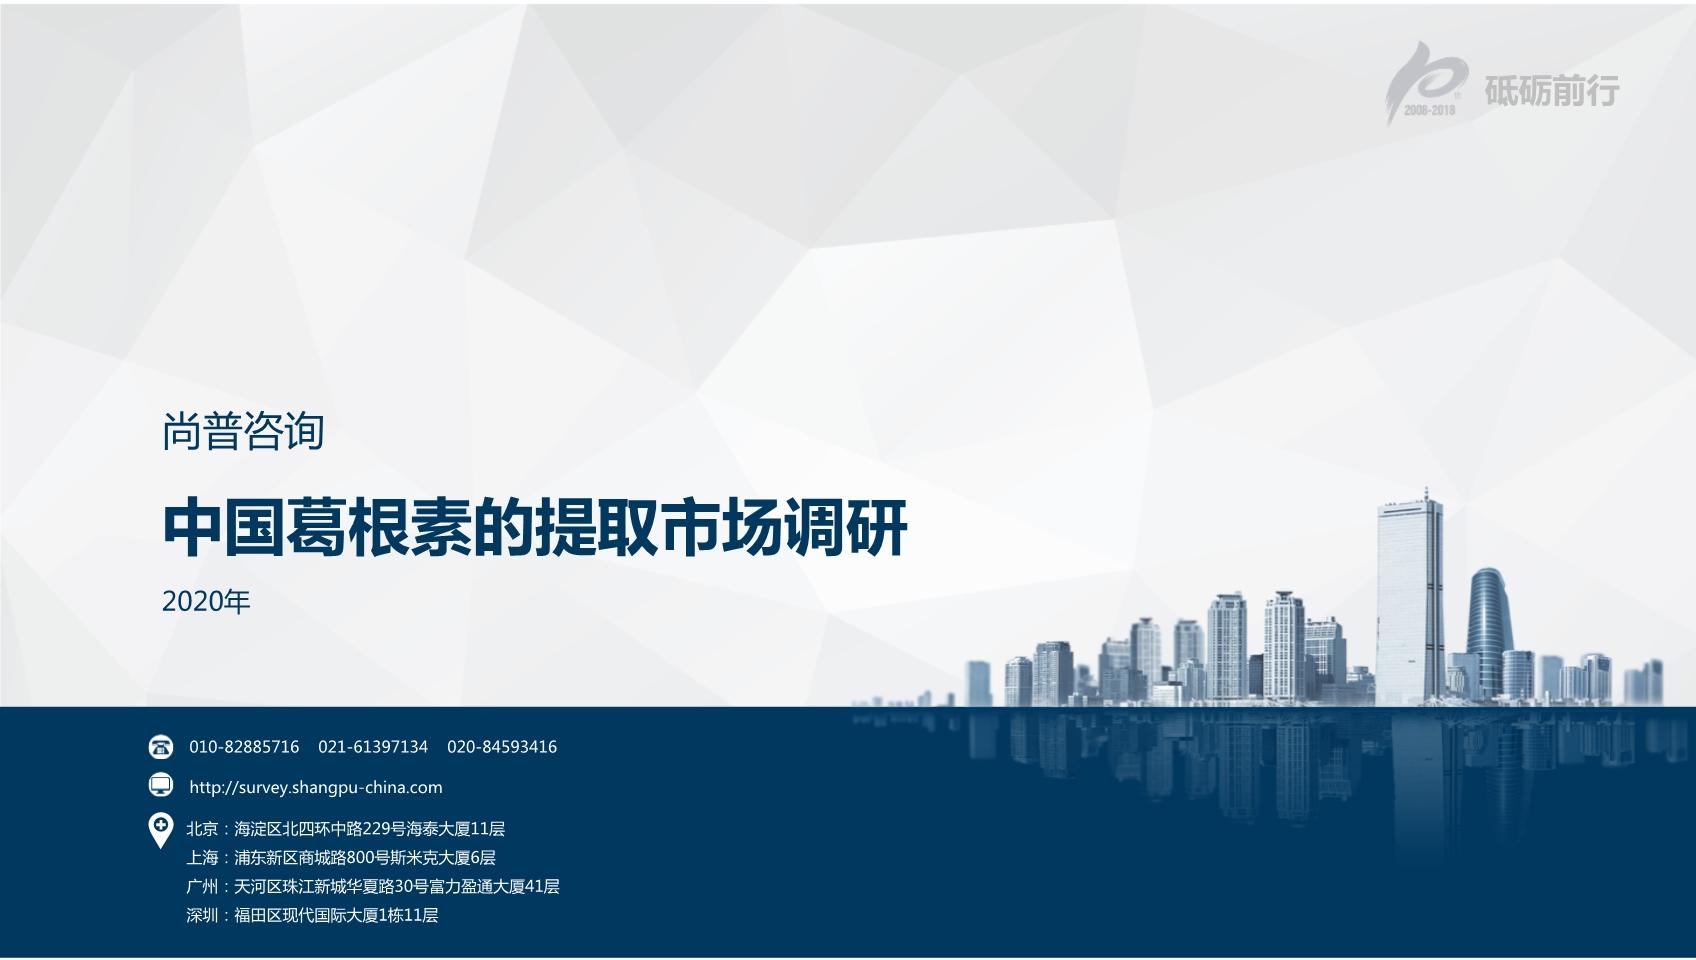 尚普咨询:2020年中国葛根素的提取市场调研